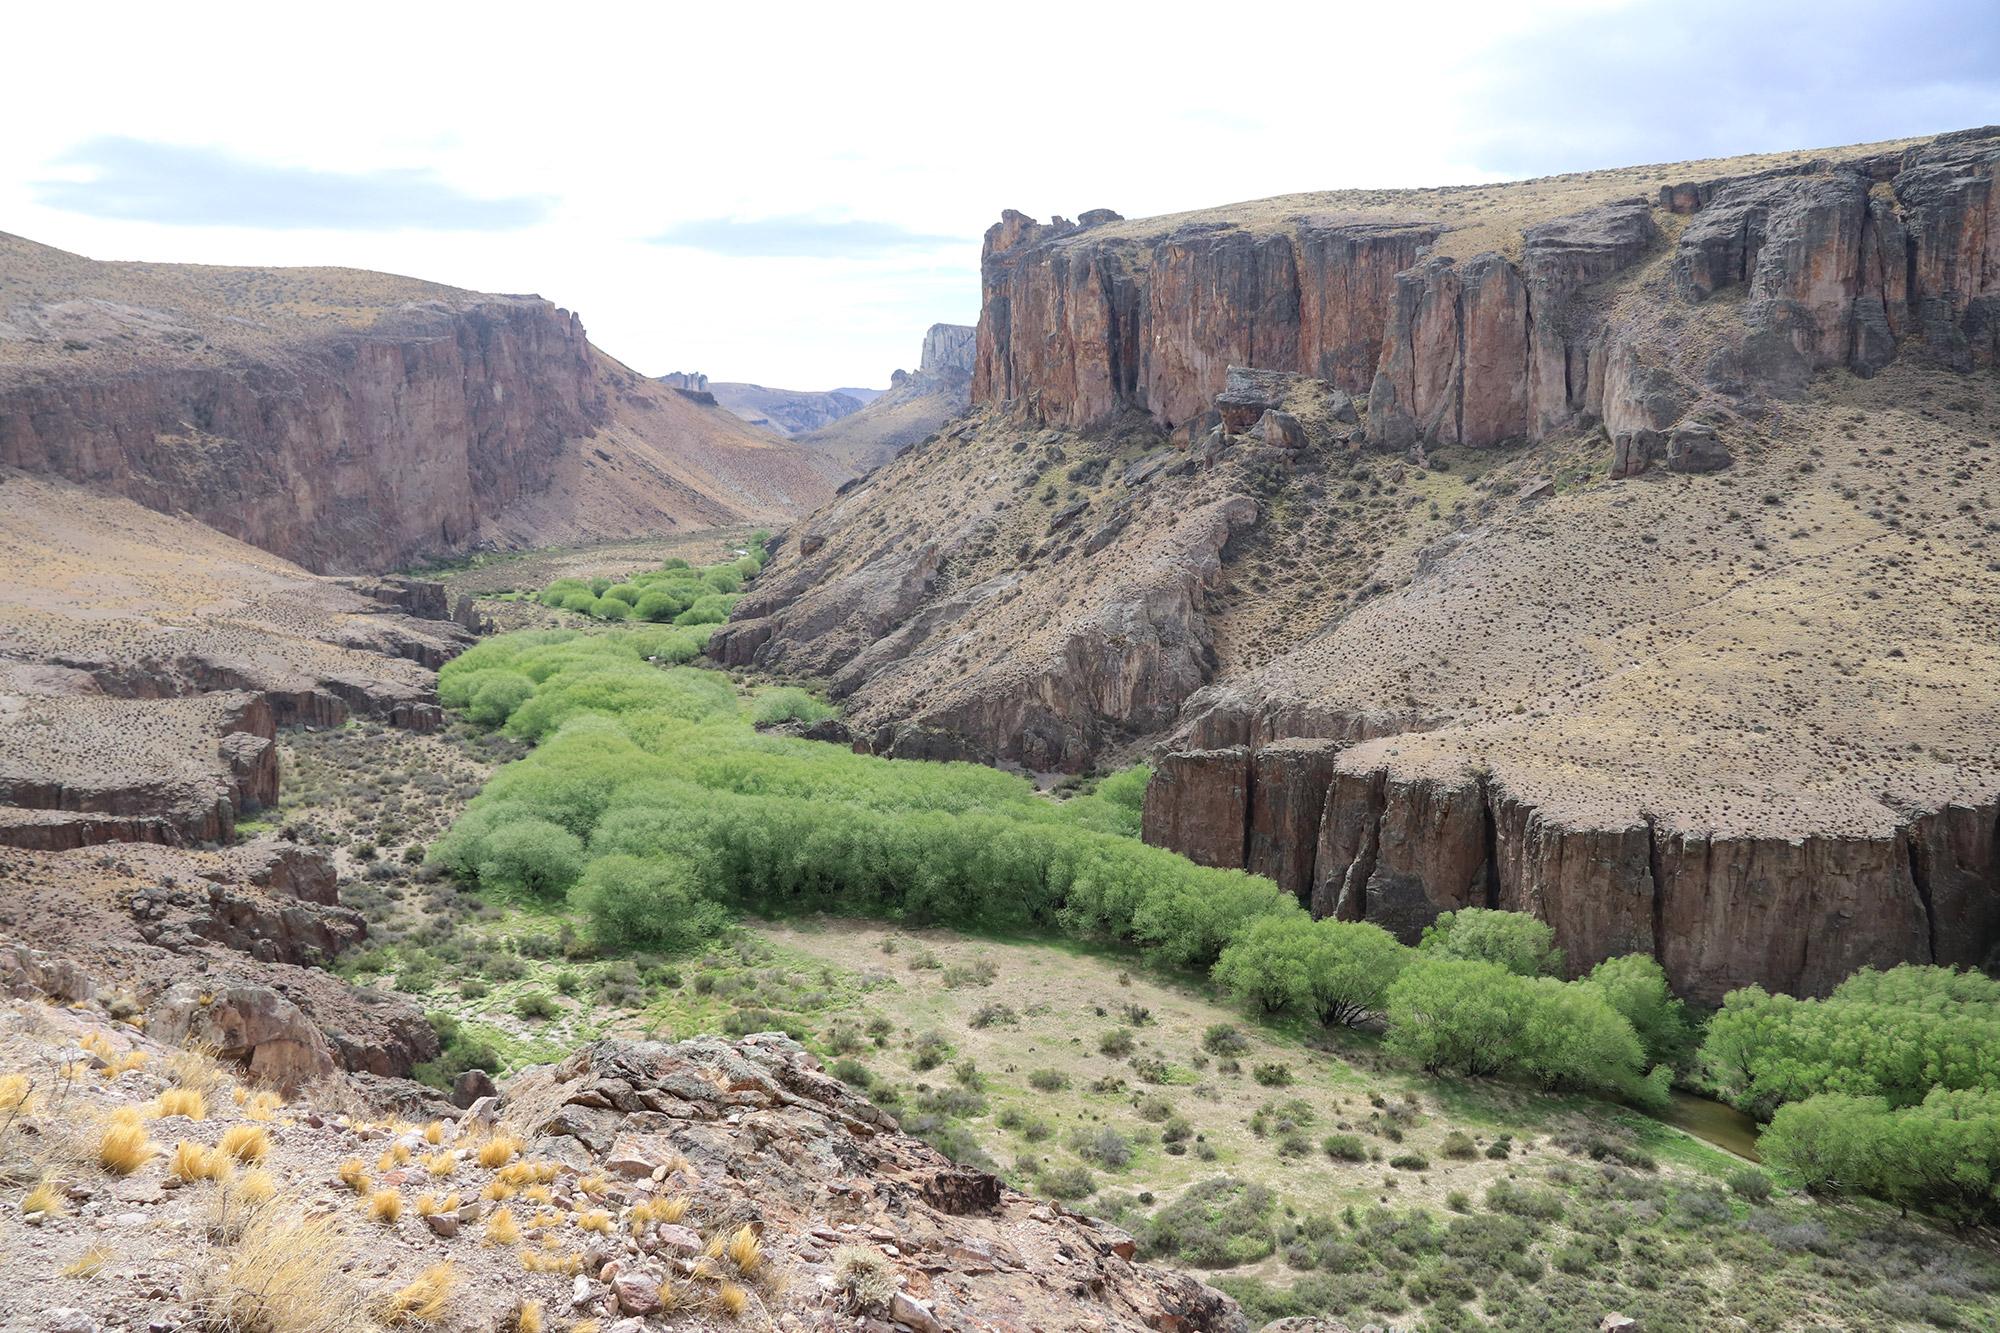 Reisverslag Patagonië - Cueva de las Manos